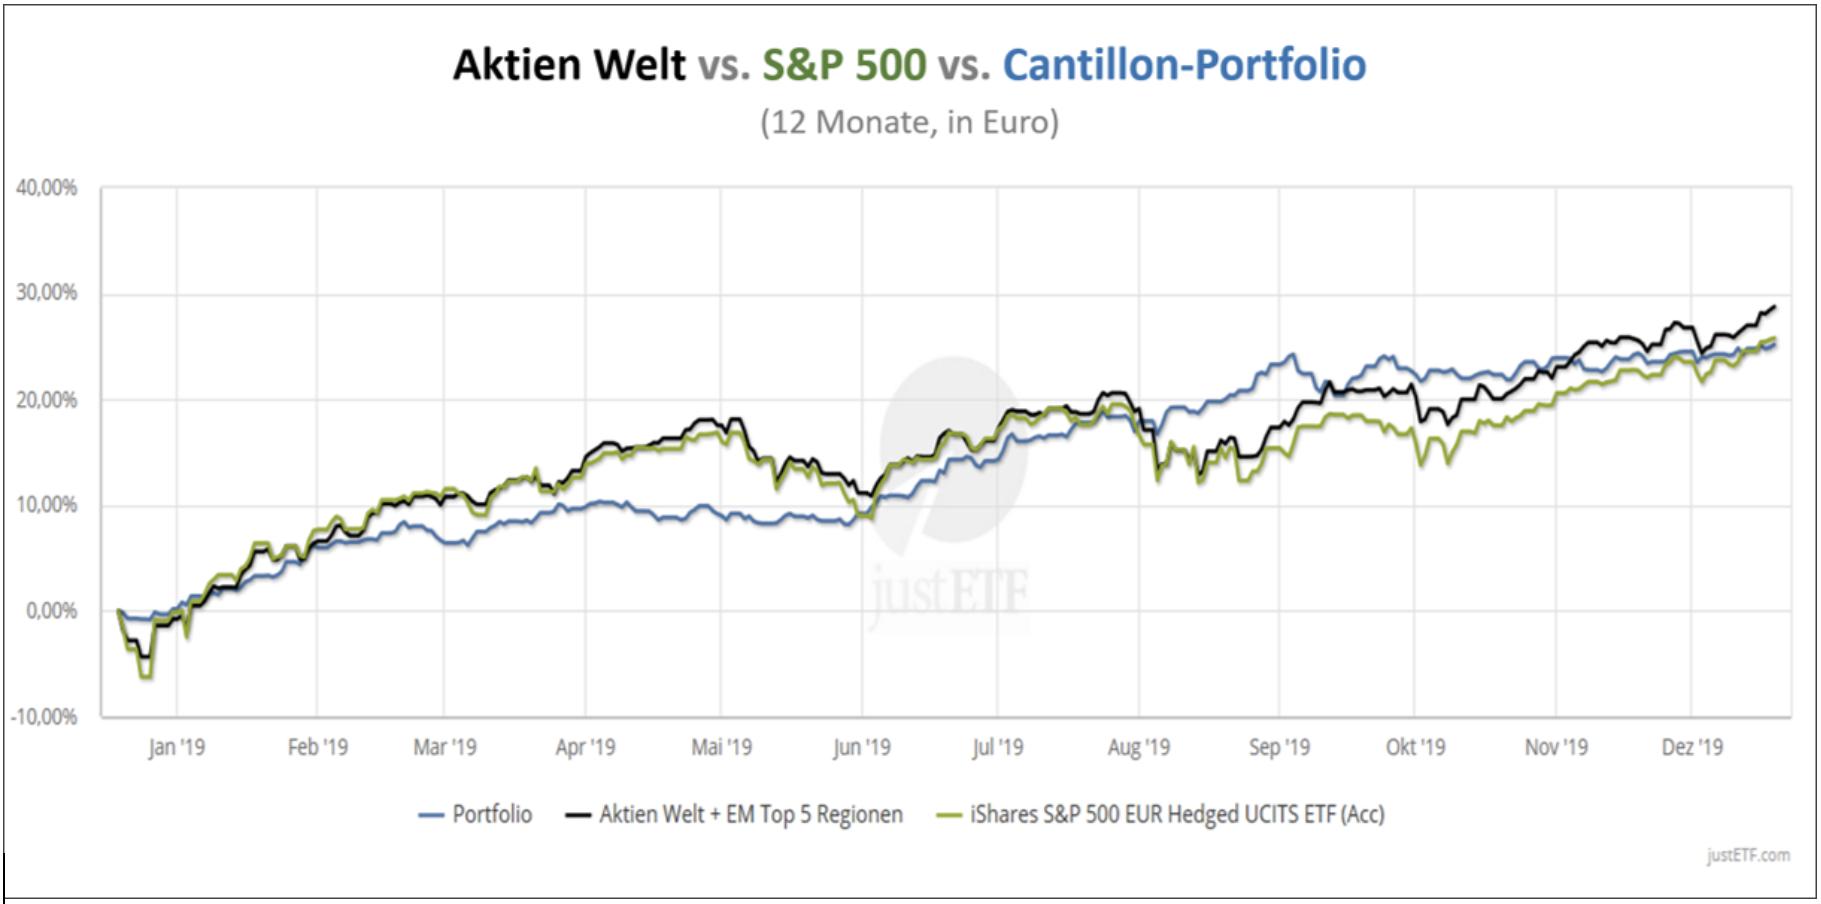 Aktienmärkte vs S&P 500 vs Cantillon